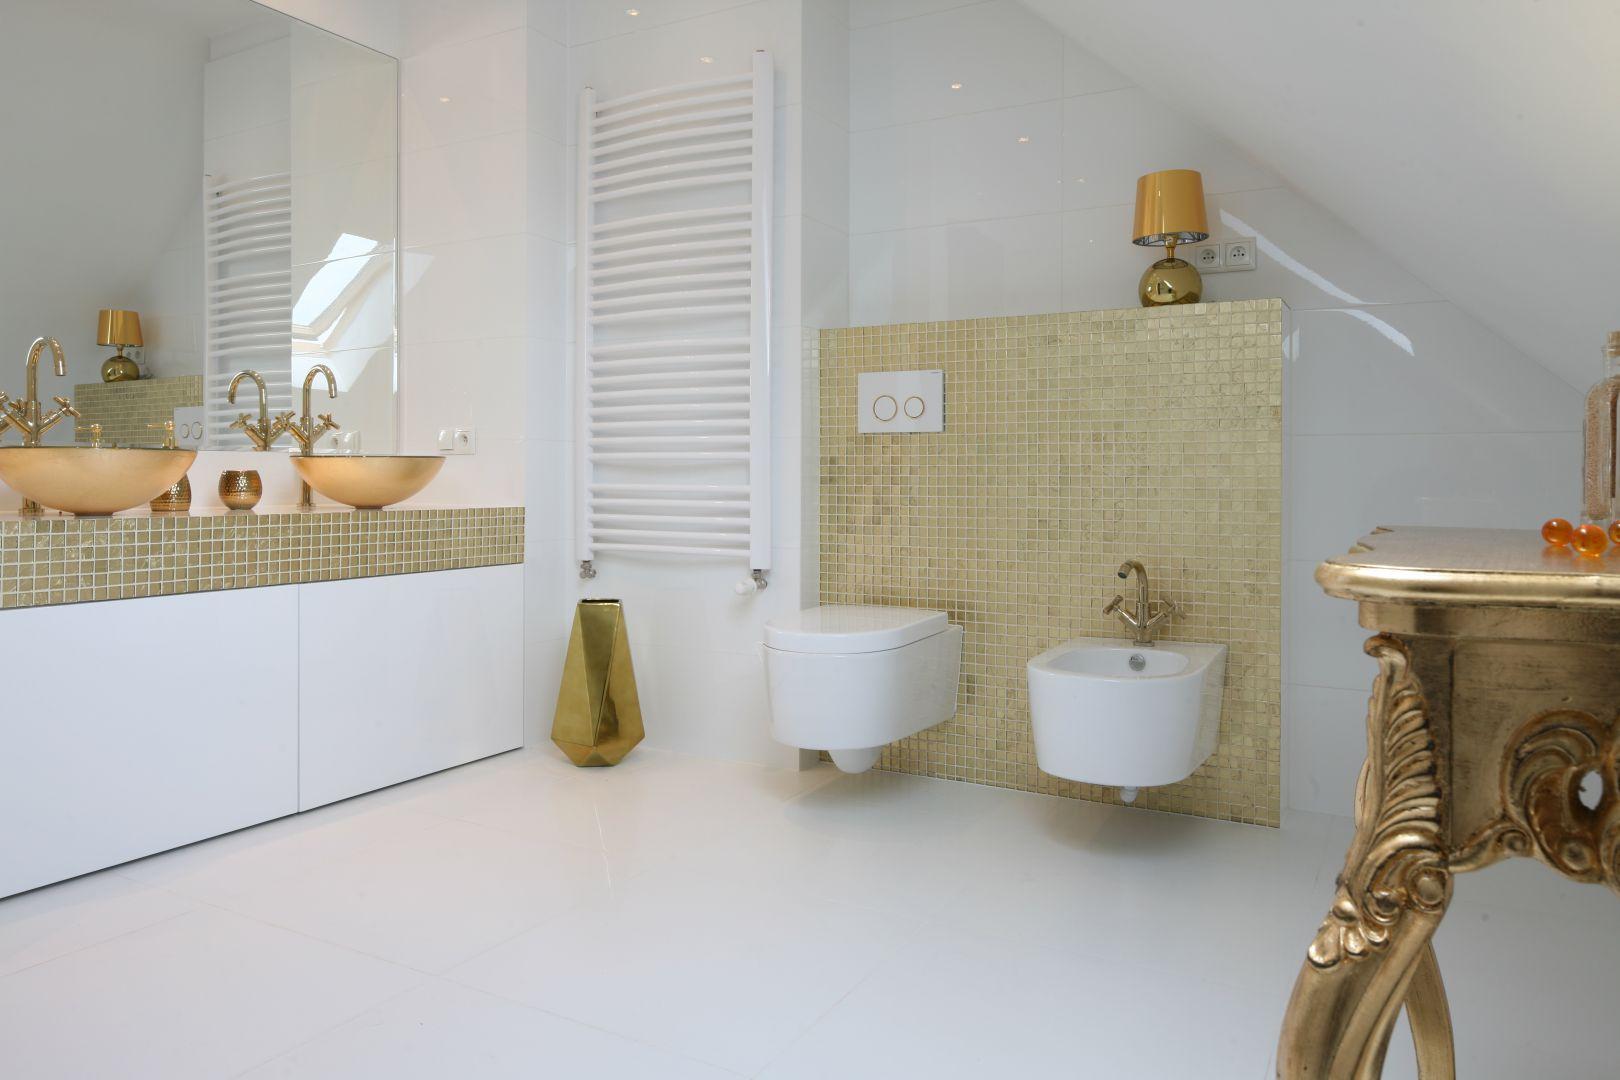 Biel jest fantastycznym tłem dla złotych dodatków. Dzięki nim łazienka jest stylowa i ma luksusowy klimat. Projekt: Piotr Stanisz. Fot. Bartosz Jarosz